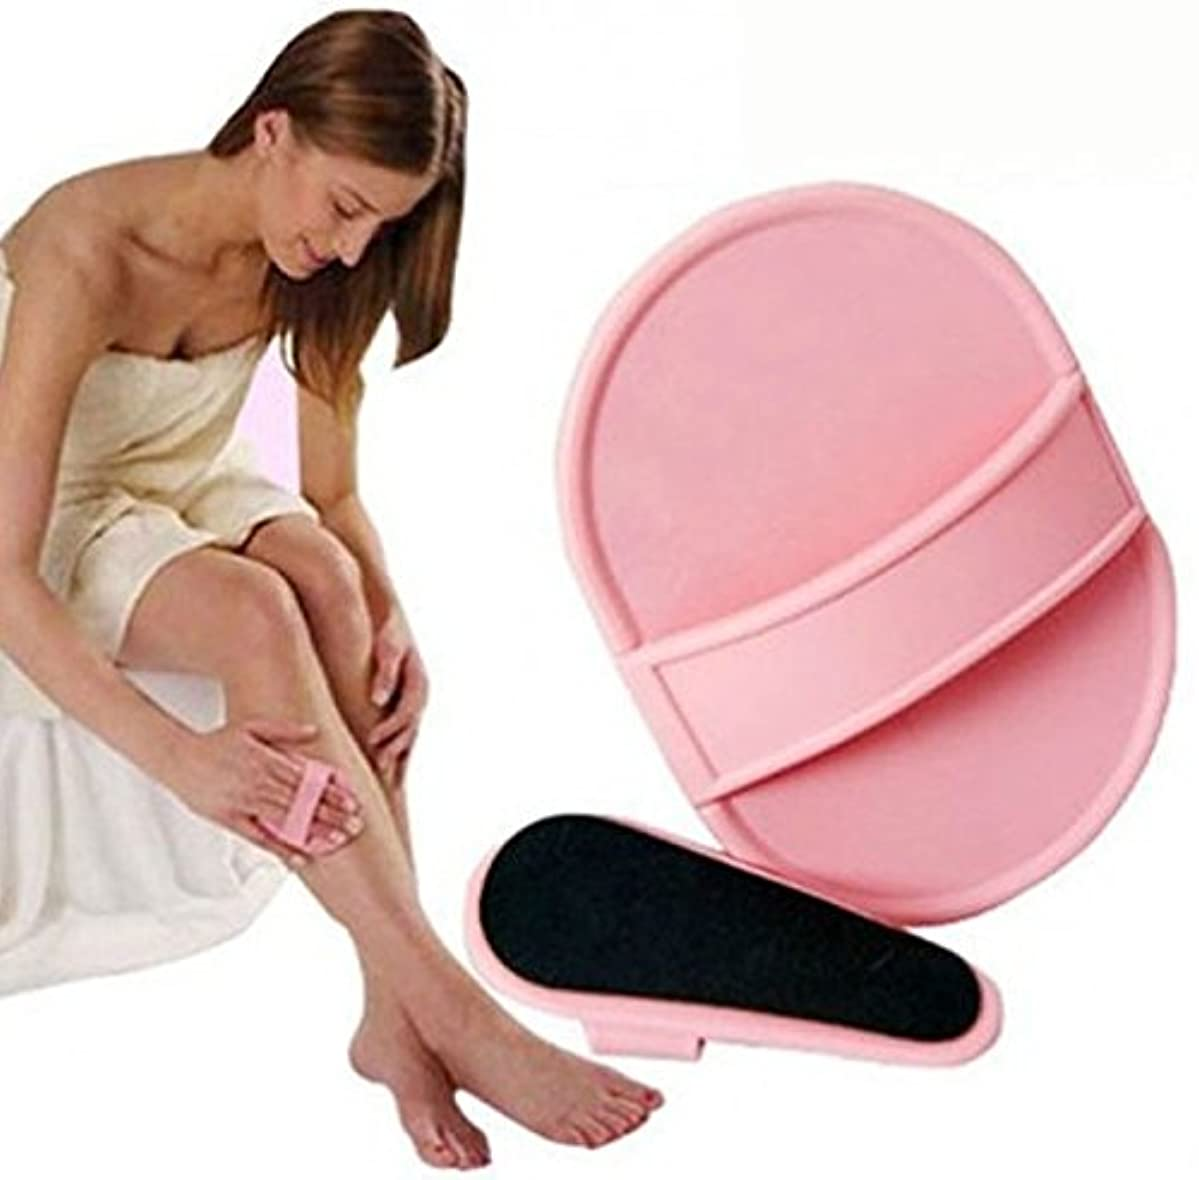 虫顎ビームMNoel 痛くない ムダ毛脱毛パッド 顔?腕?脚 全身に使える ムダ毛専用パッド 2つのサイズのパッドを使い分けて、全身のお手入れOK